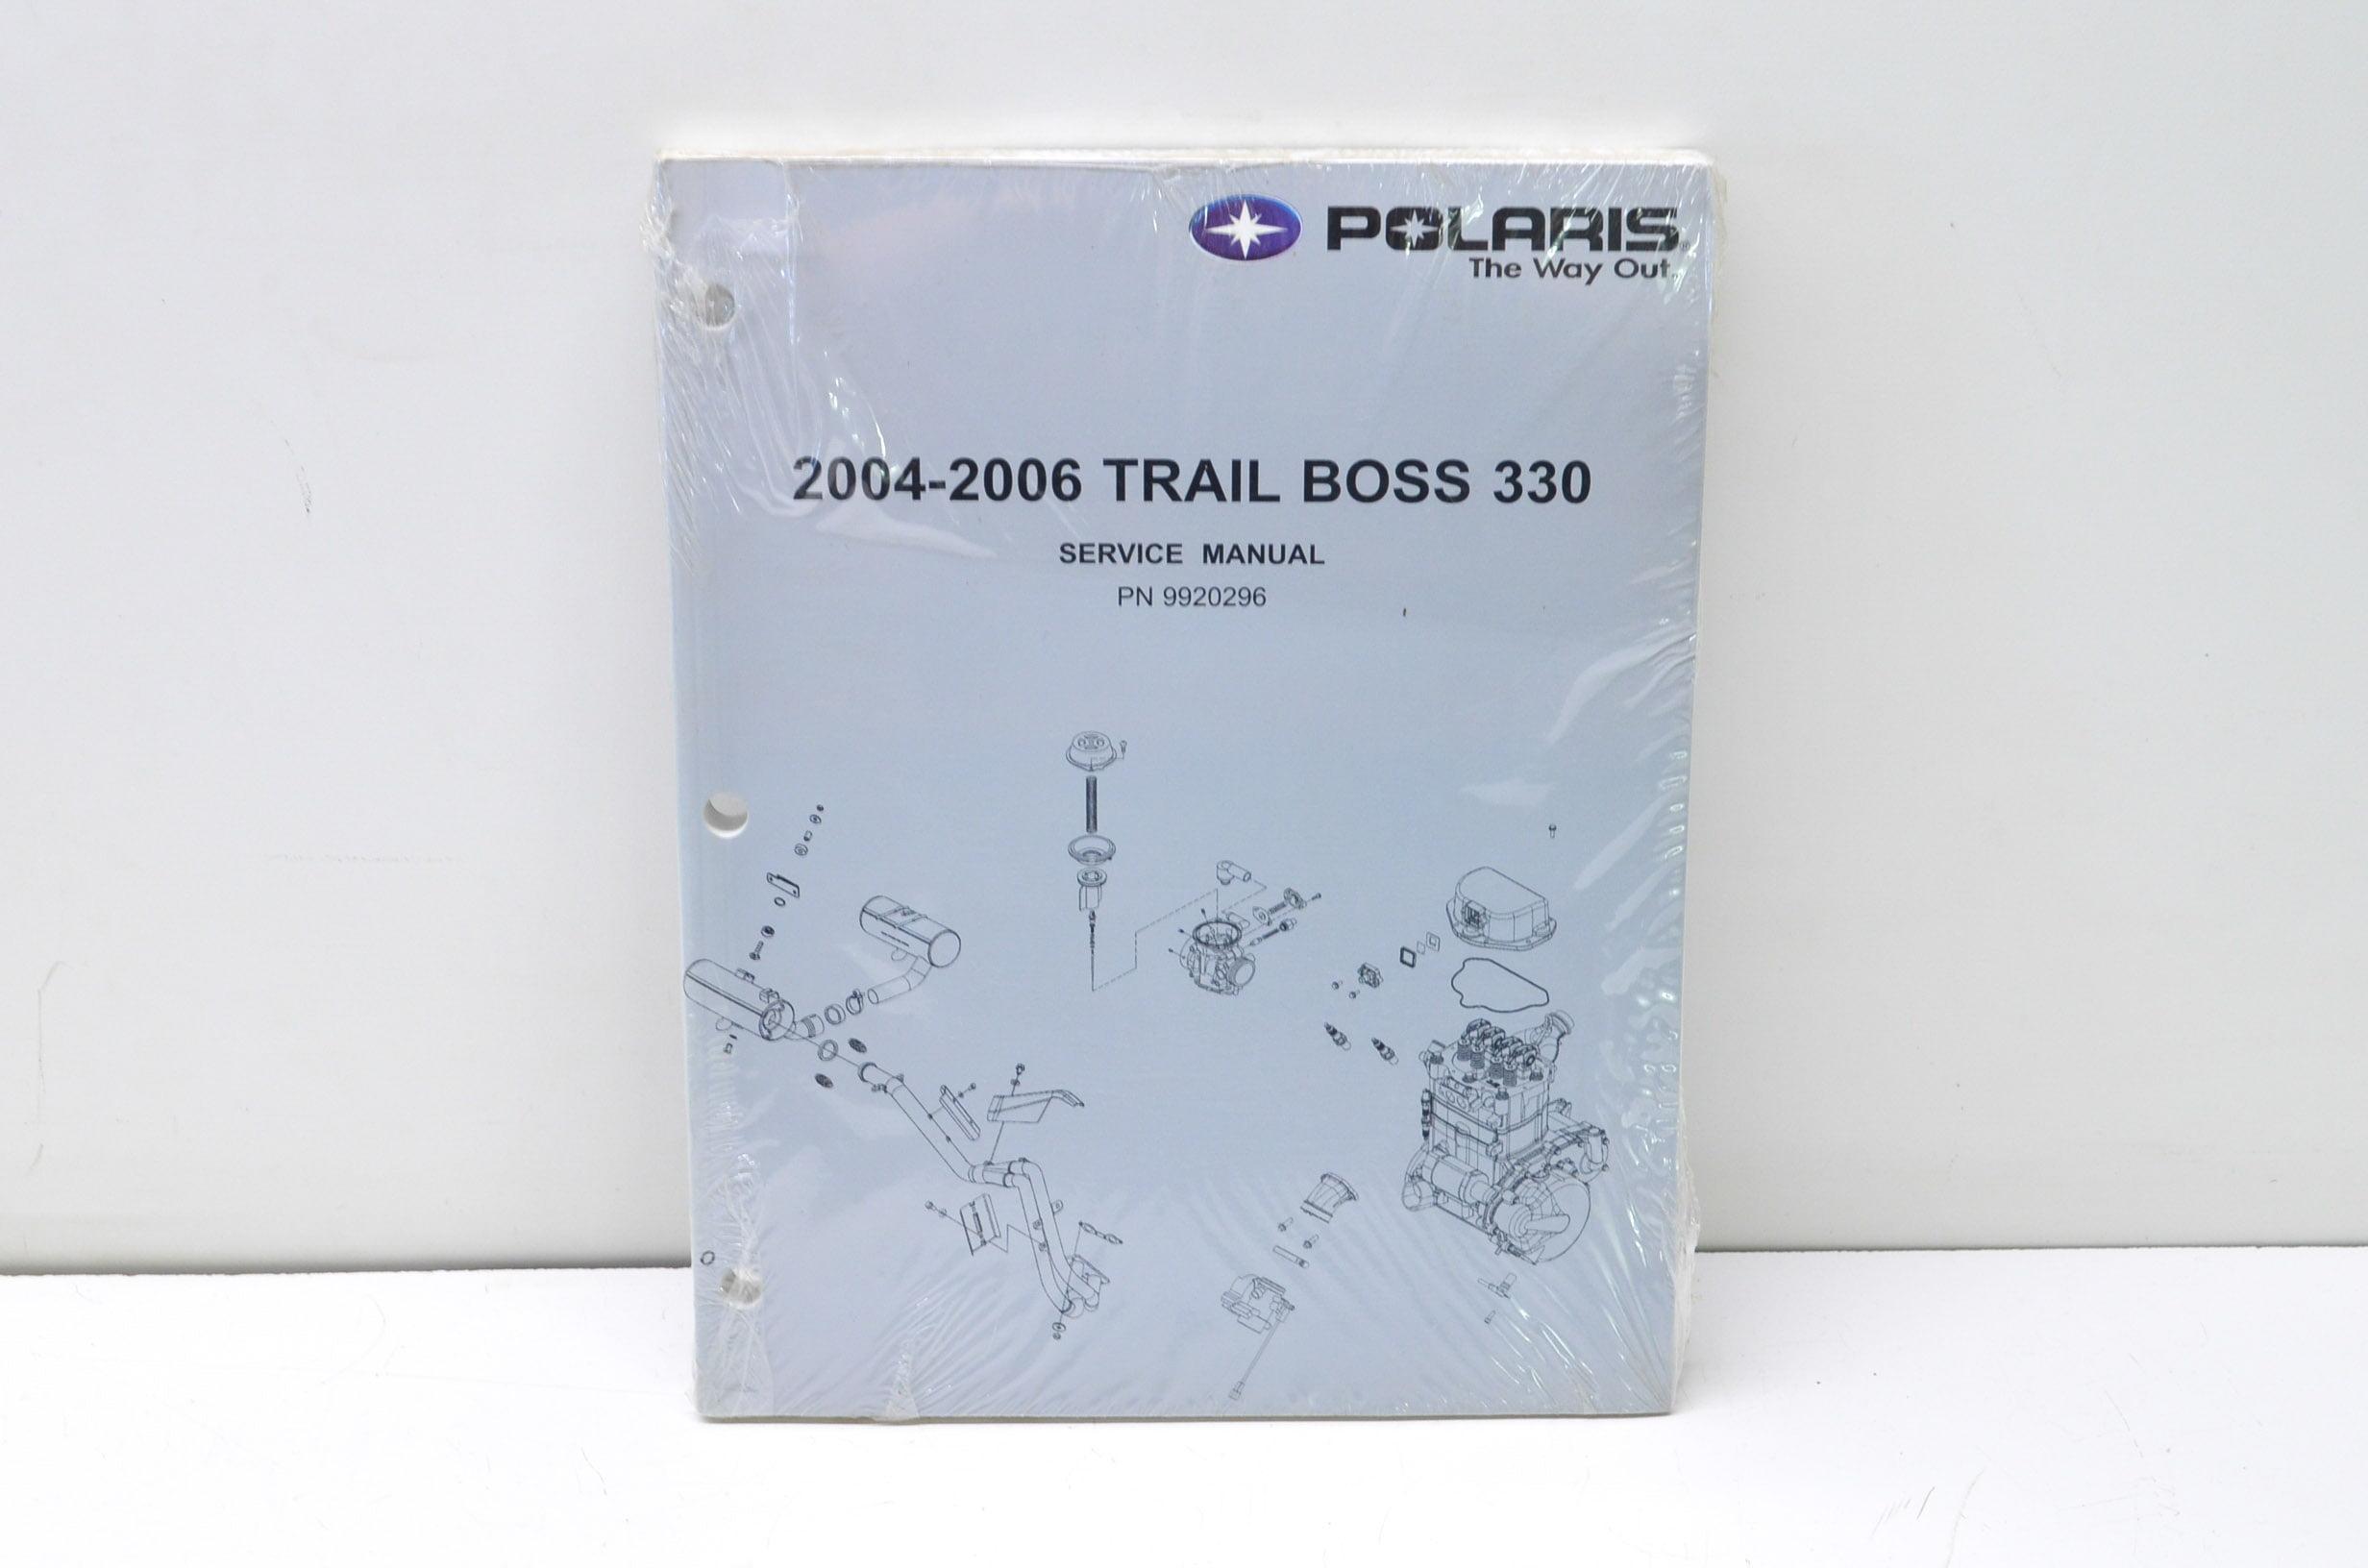 Polaris 9920296 2004-2006 Trail Boss 330 Service Manual QTY 1 - Walmart.com